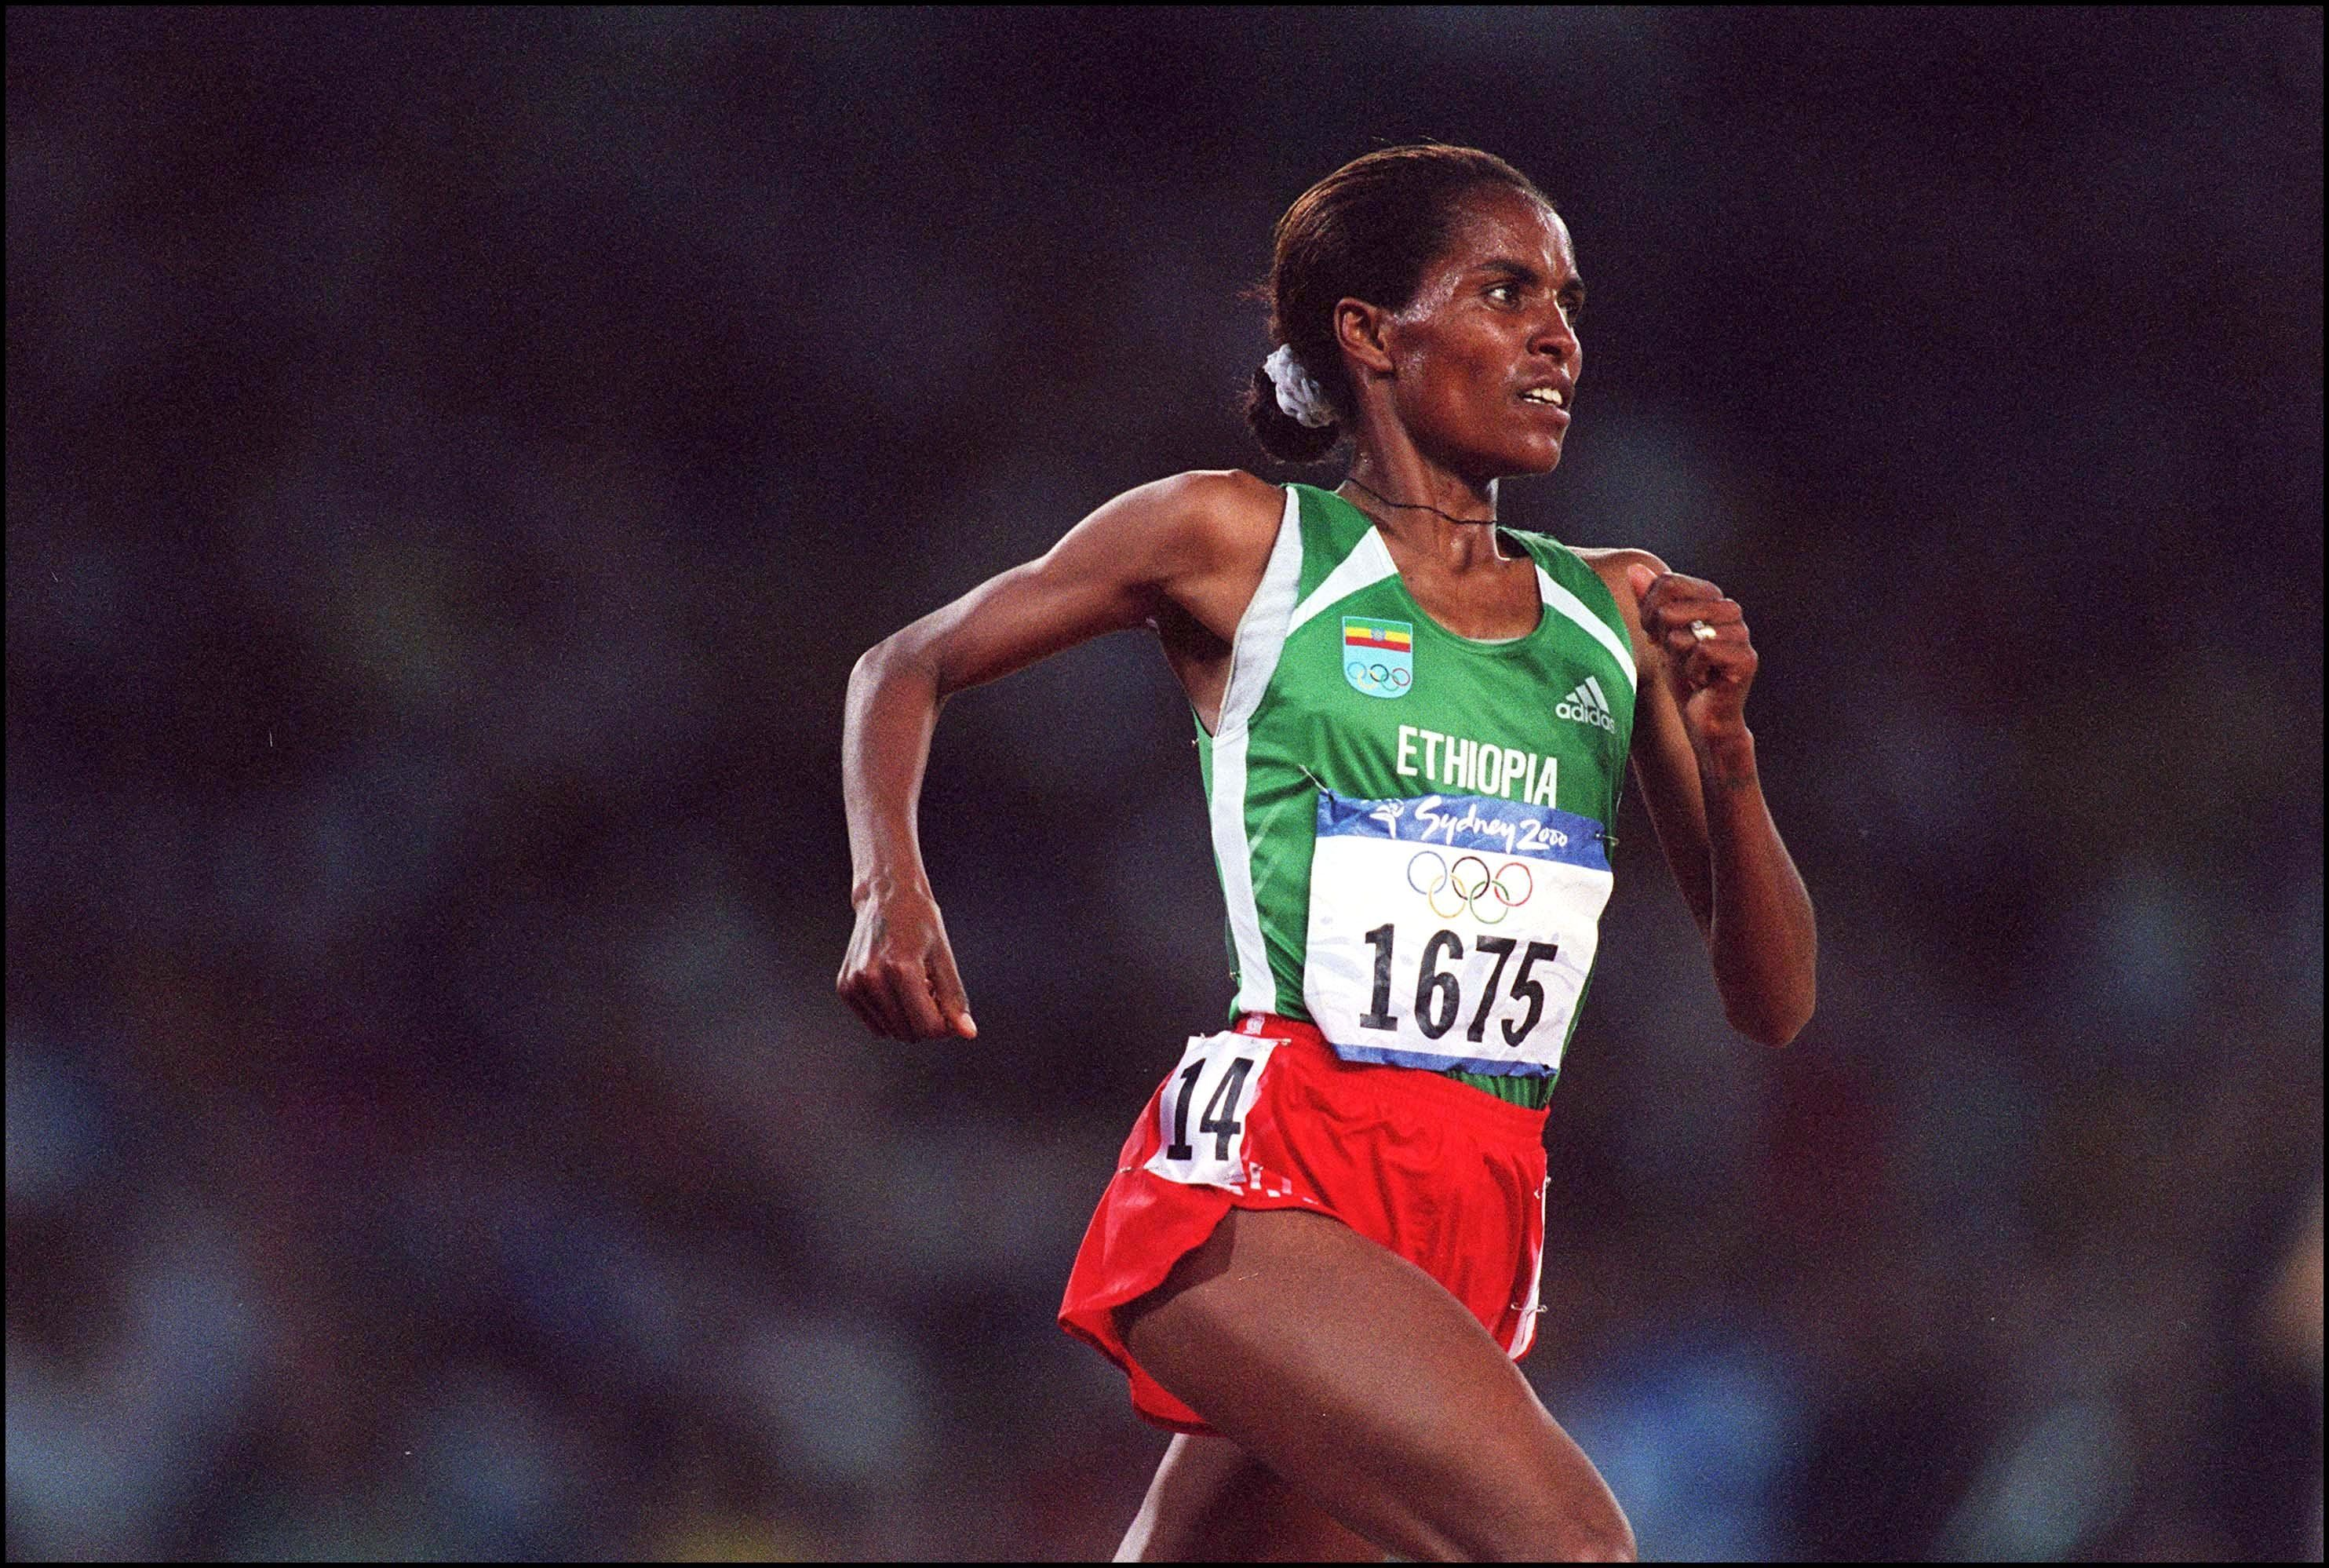 Behind Tulu's Triumph   Runner's World